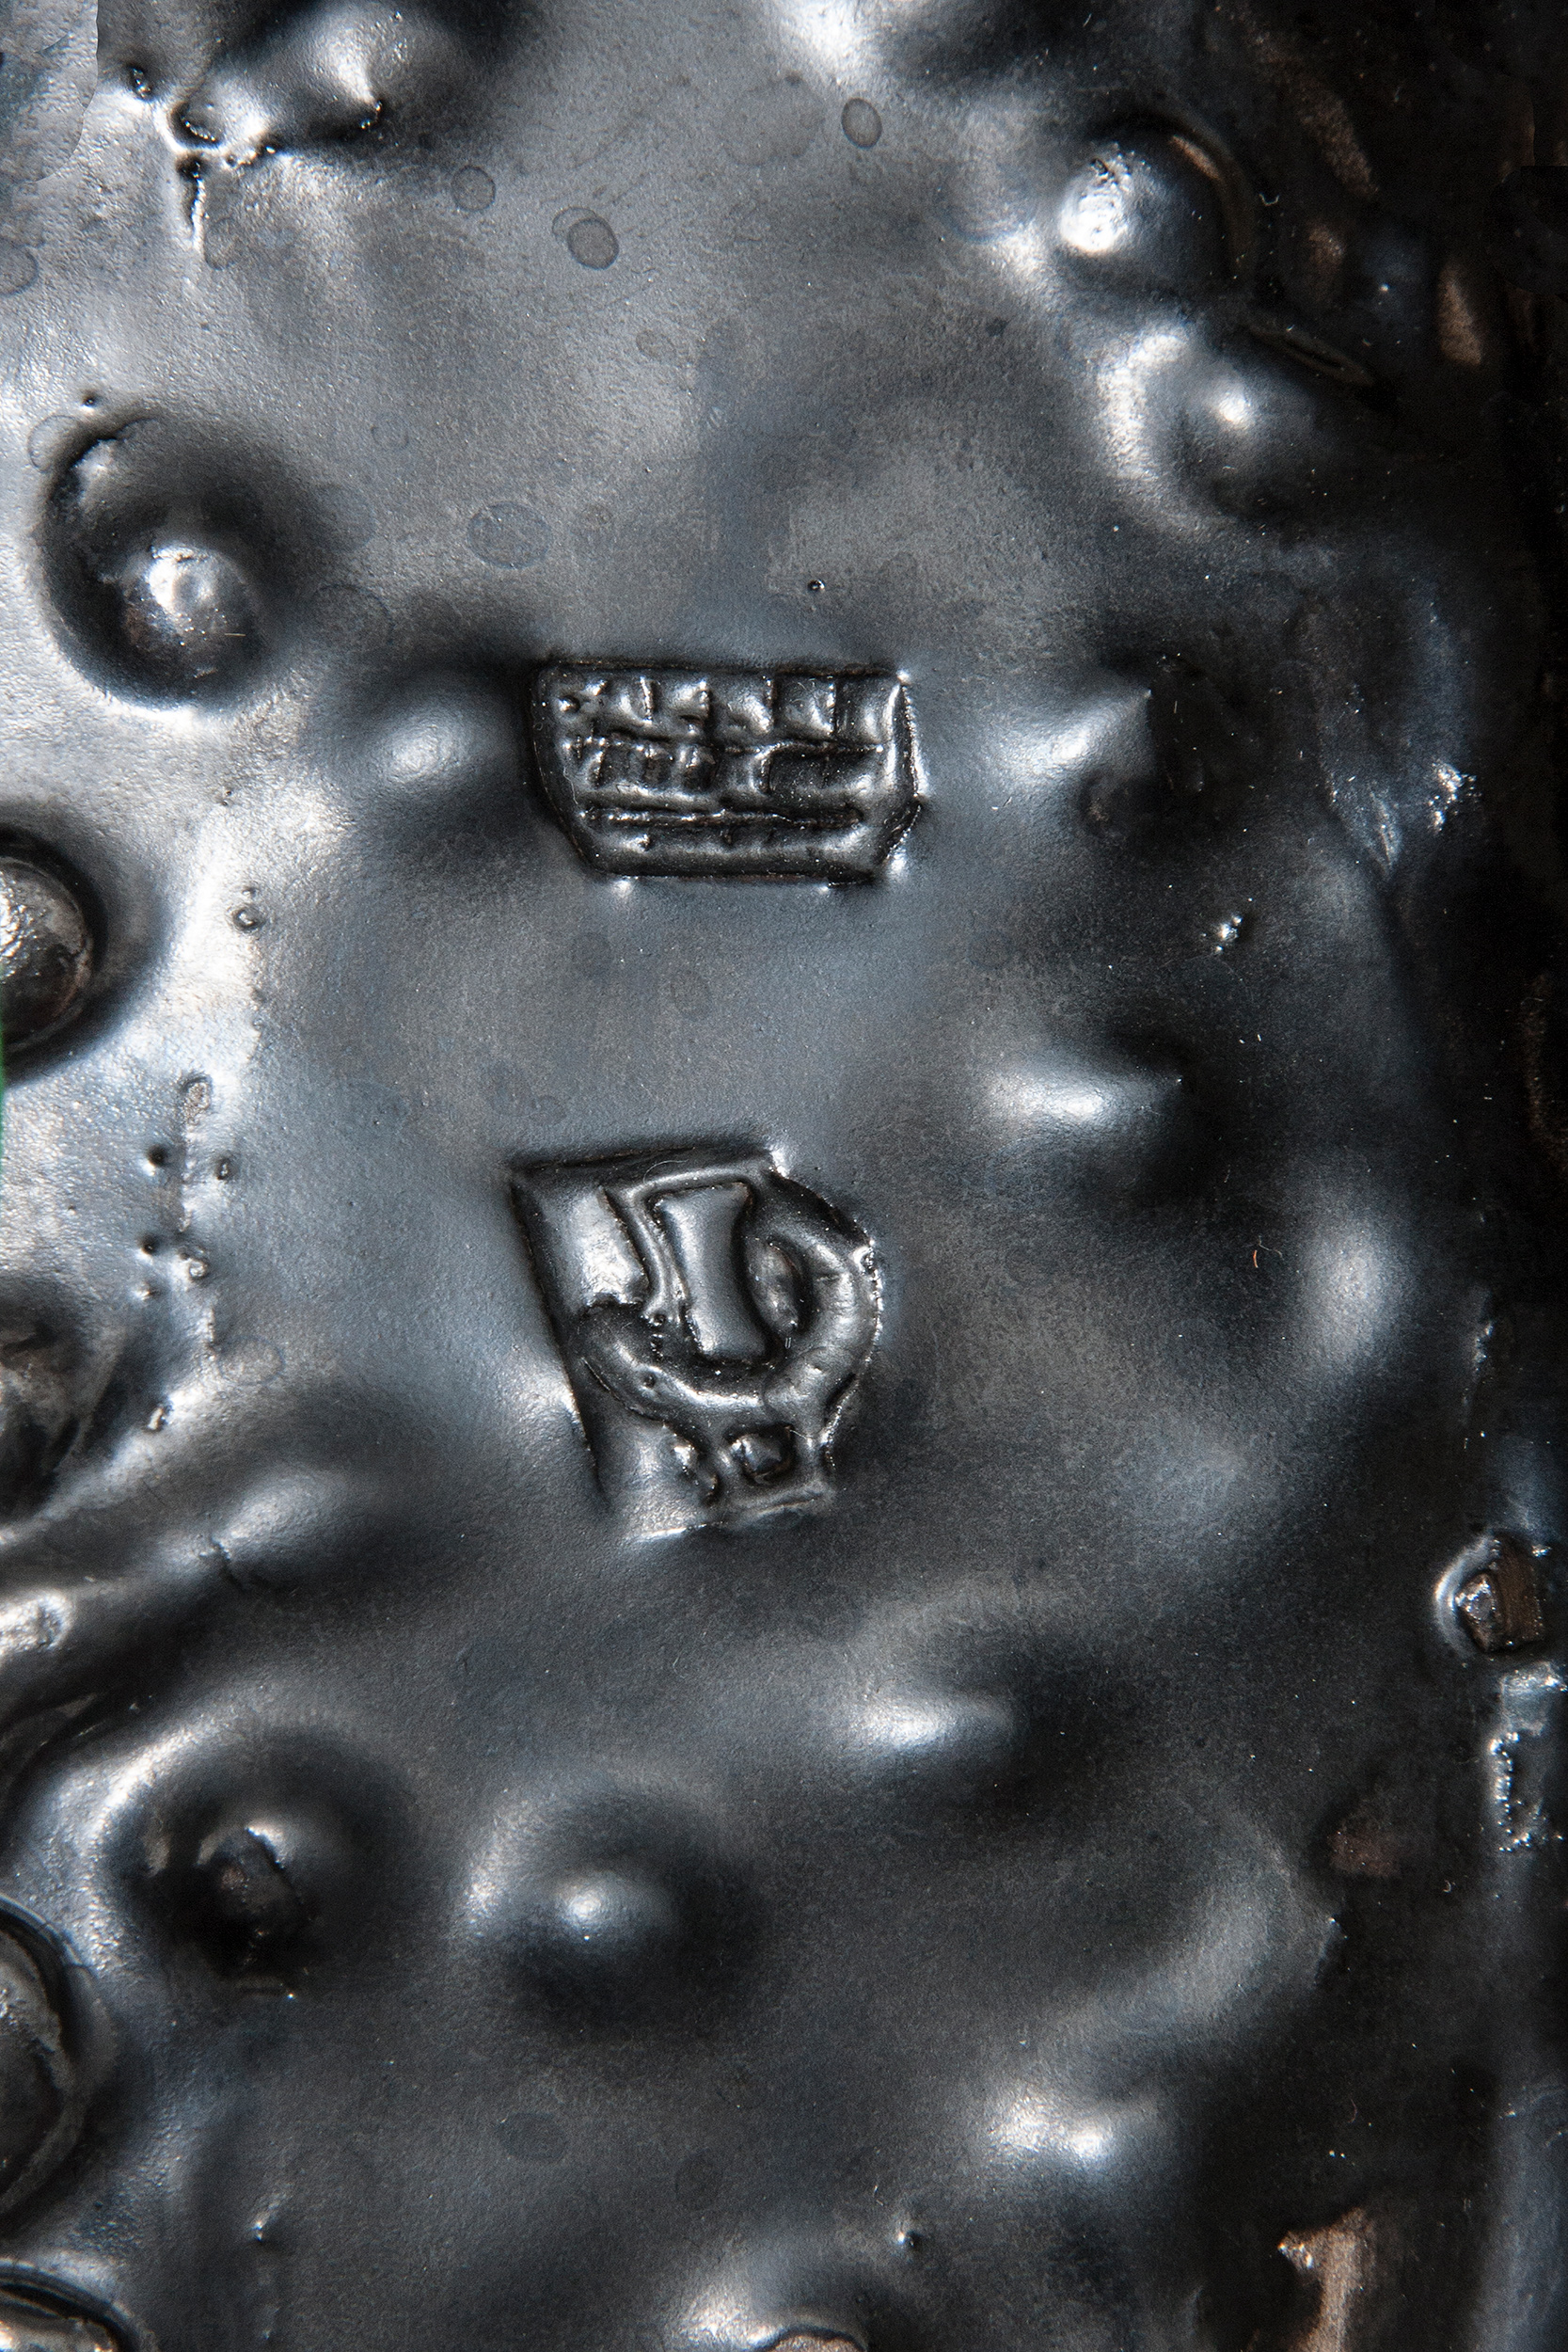 Roger Capron black ceramic organic shaped bowl